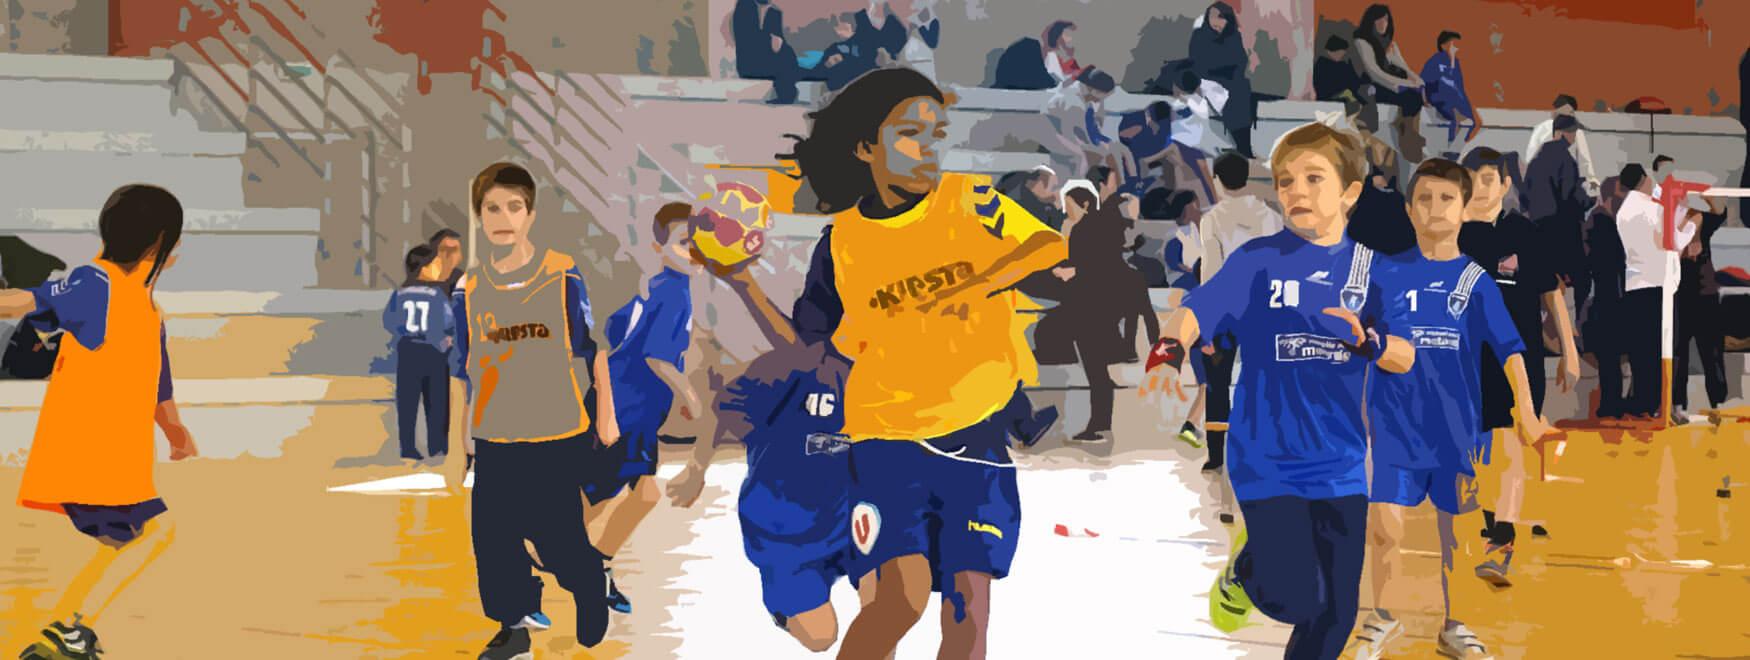 JACCHB - Jacou Athlétic Clapiers Le Crès Handball